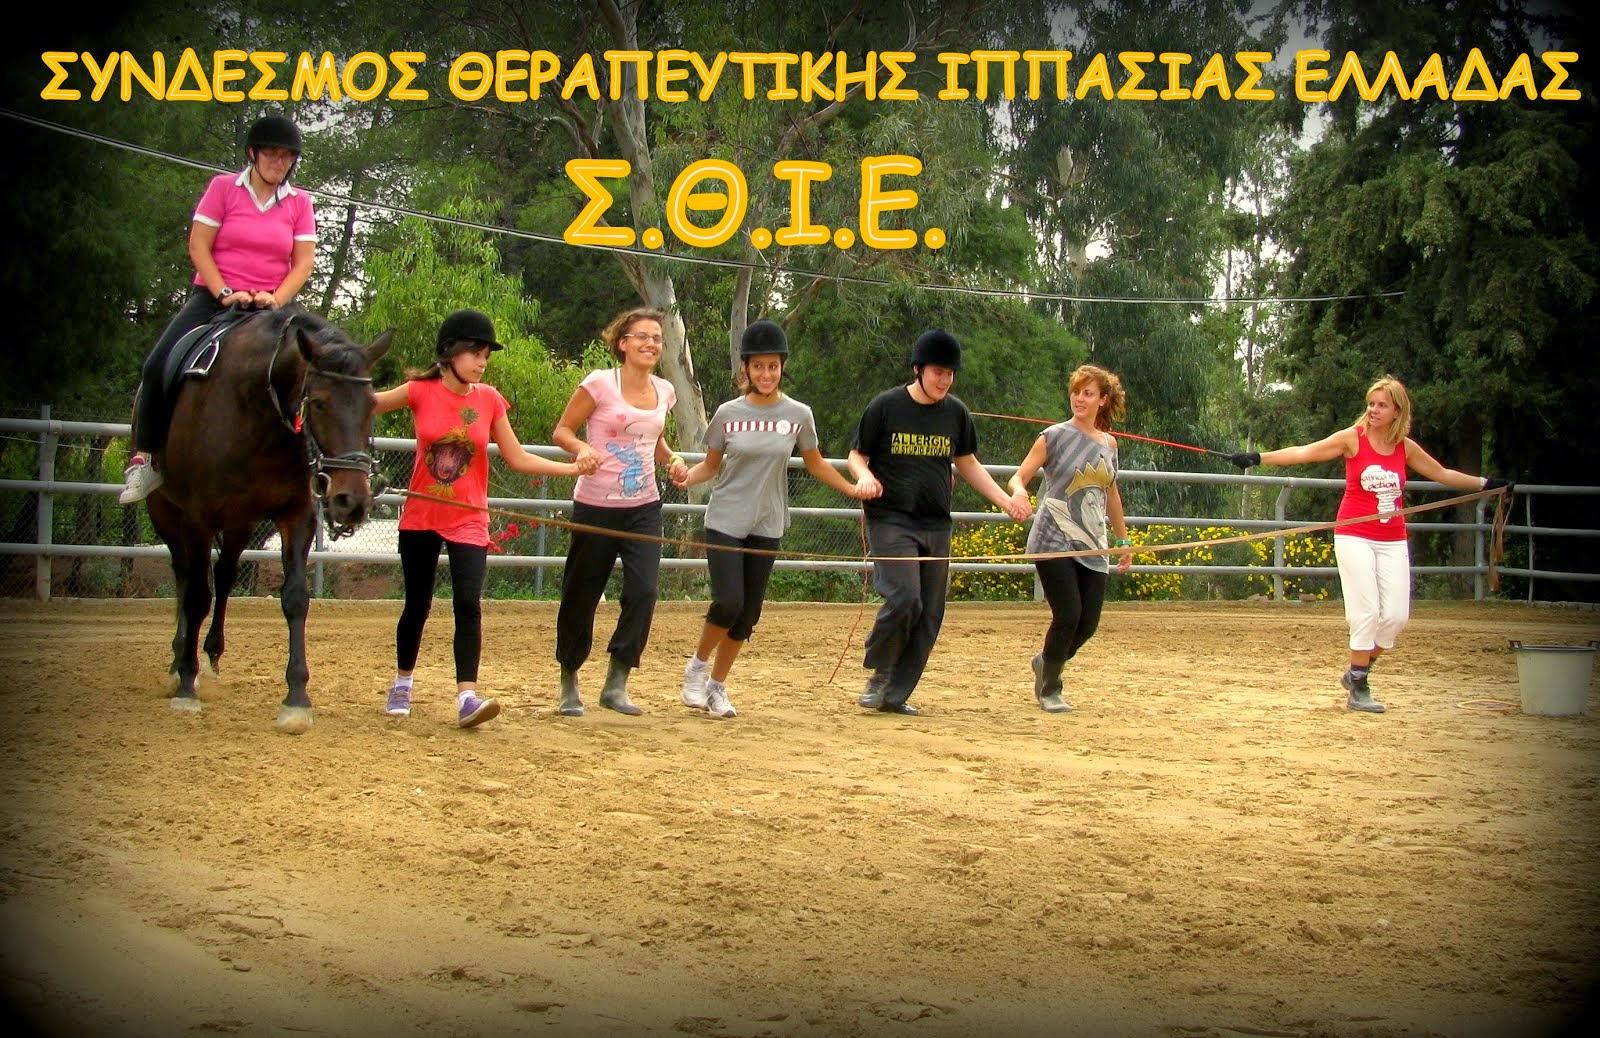 Σ.Θ.Ι.Ε.